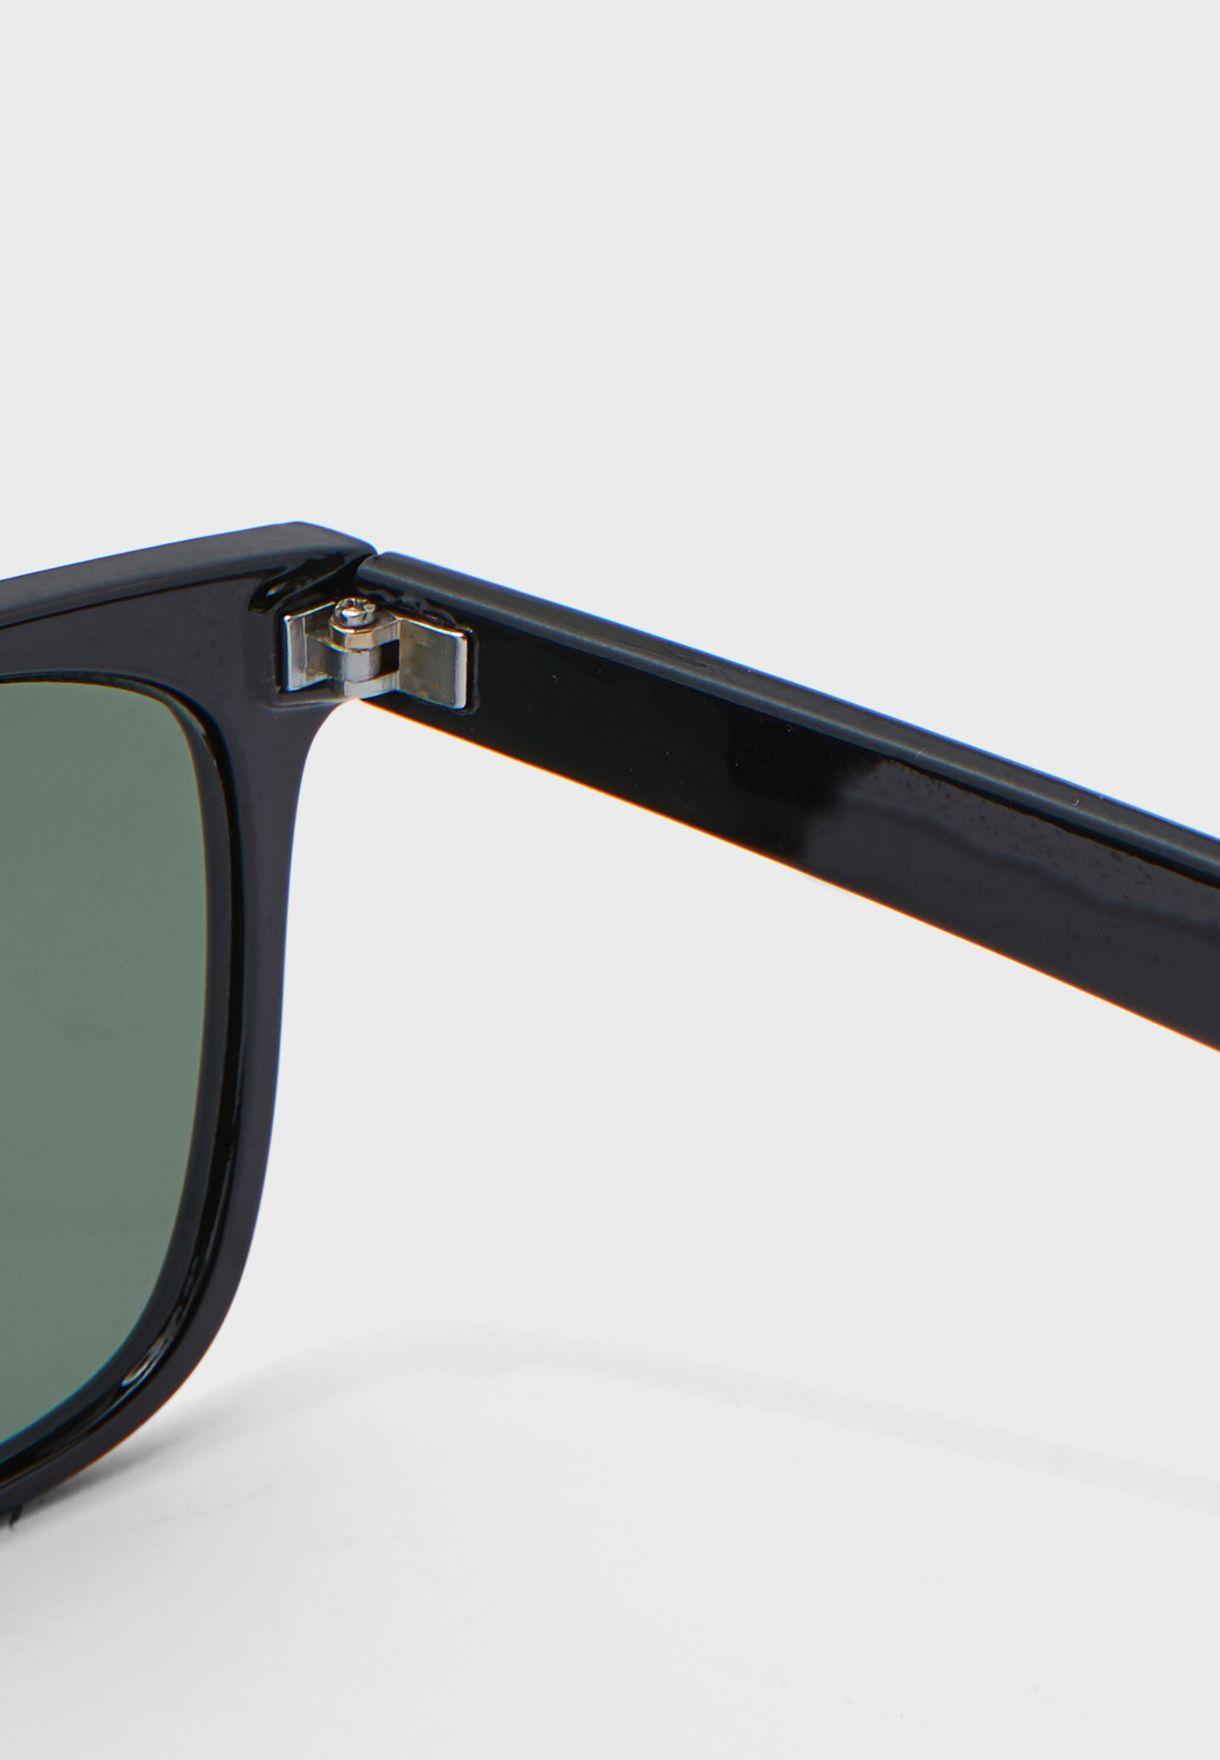 نظارات شمسية وايفيرر بإطار مربع (عدد 2)